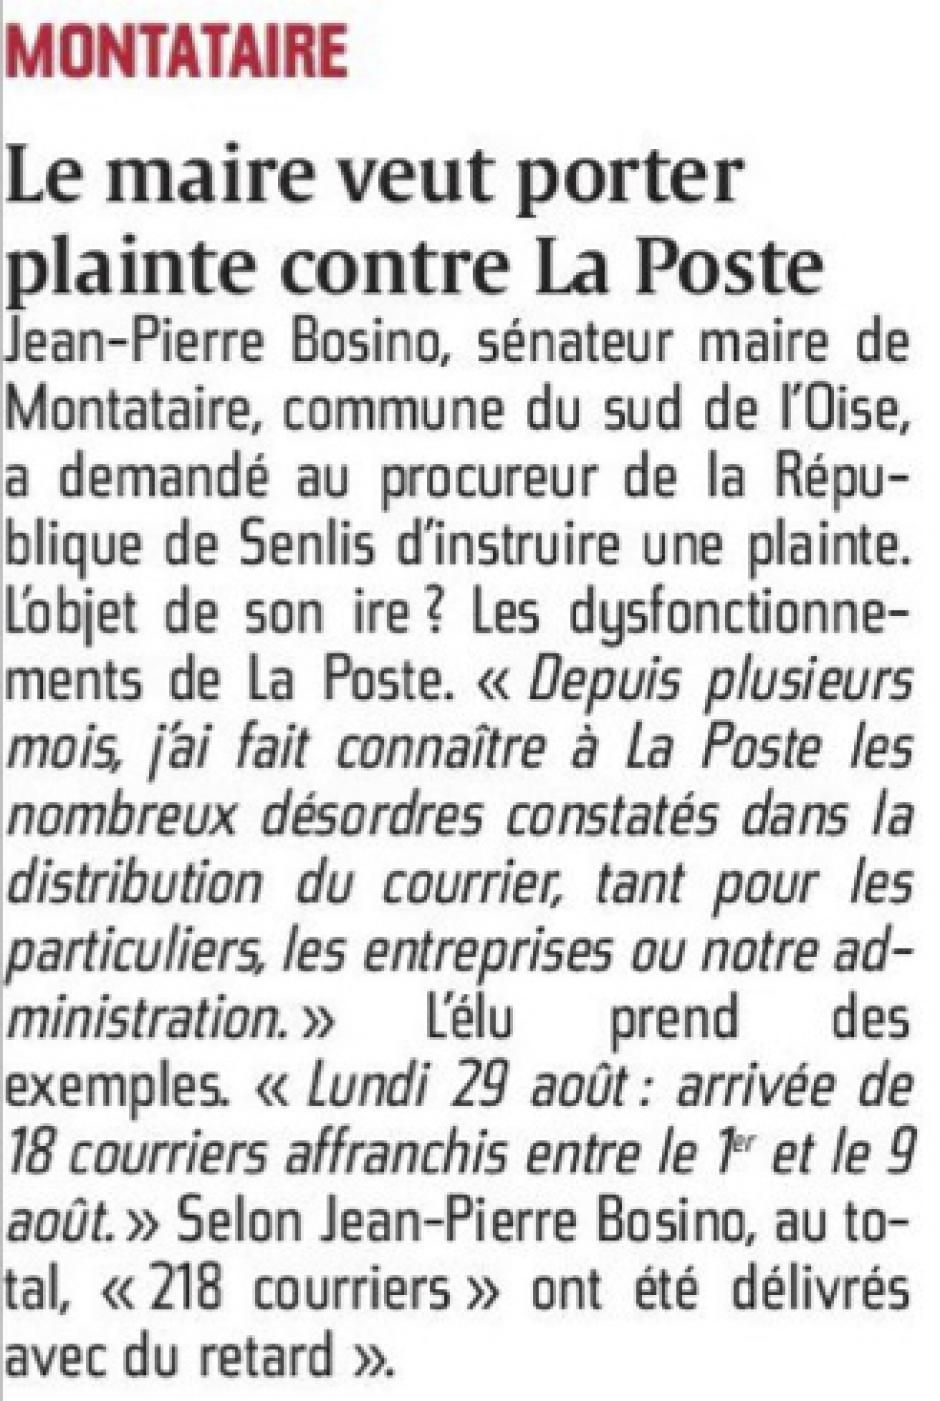 20160902 Cp Montataire Le Maire Veut Porter Plainte Contre La Poste